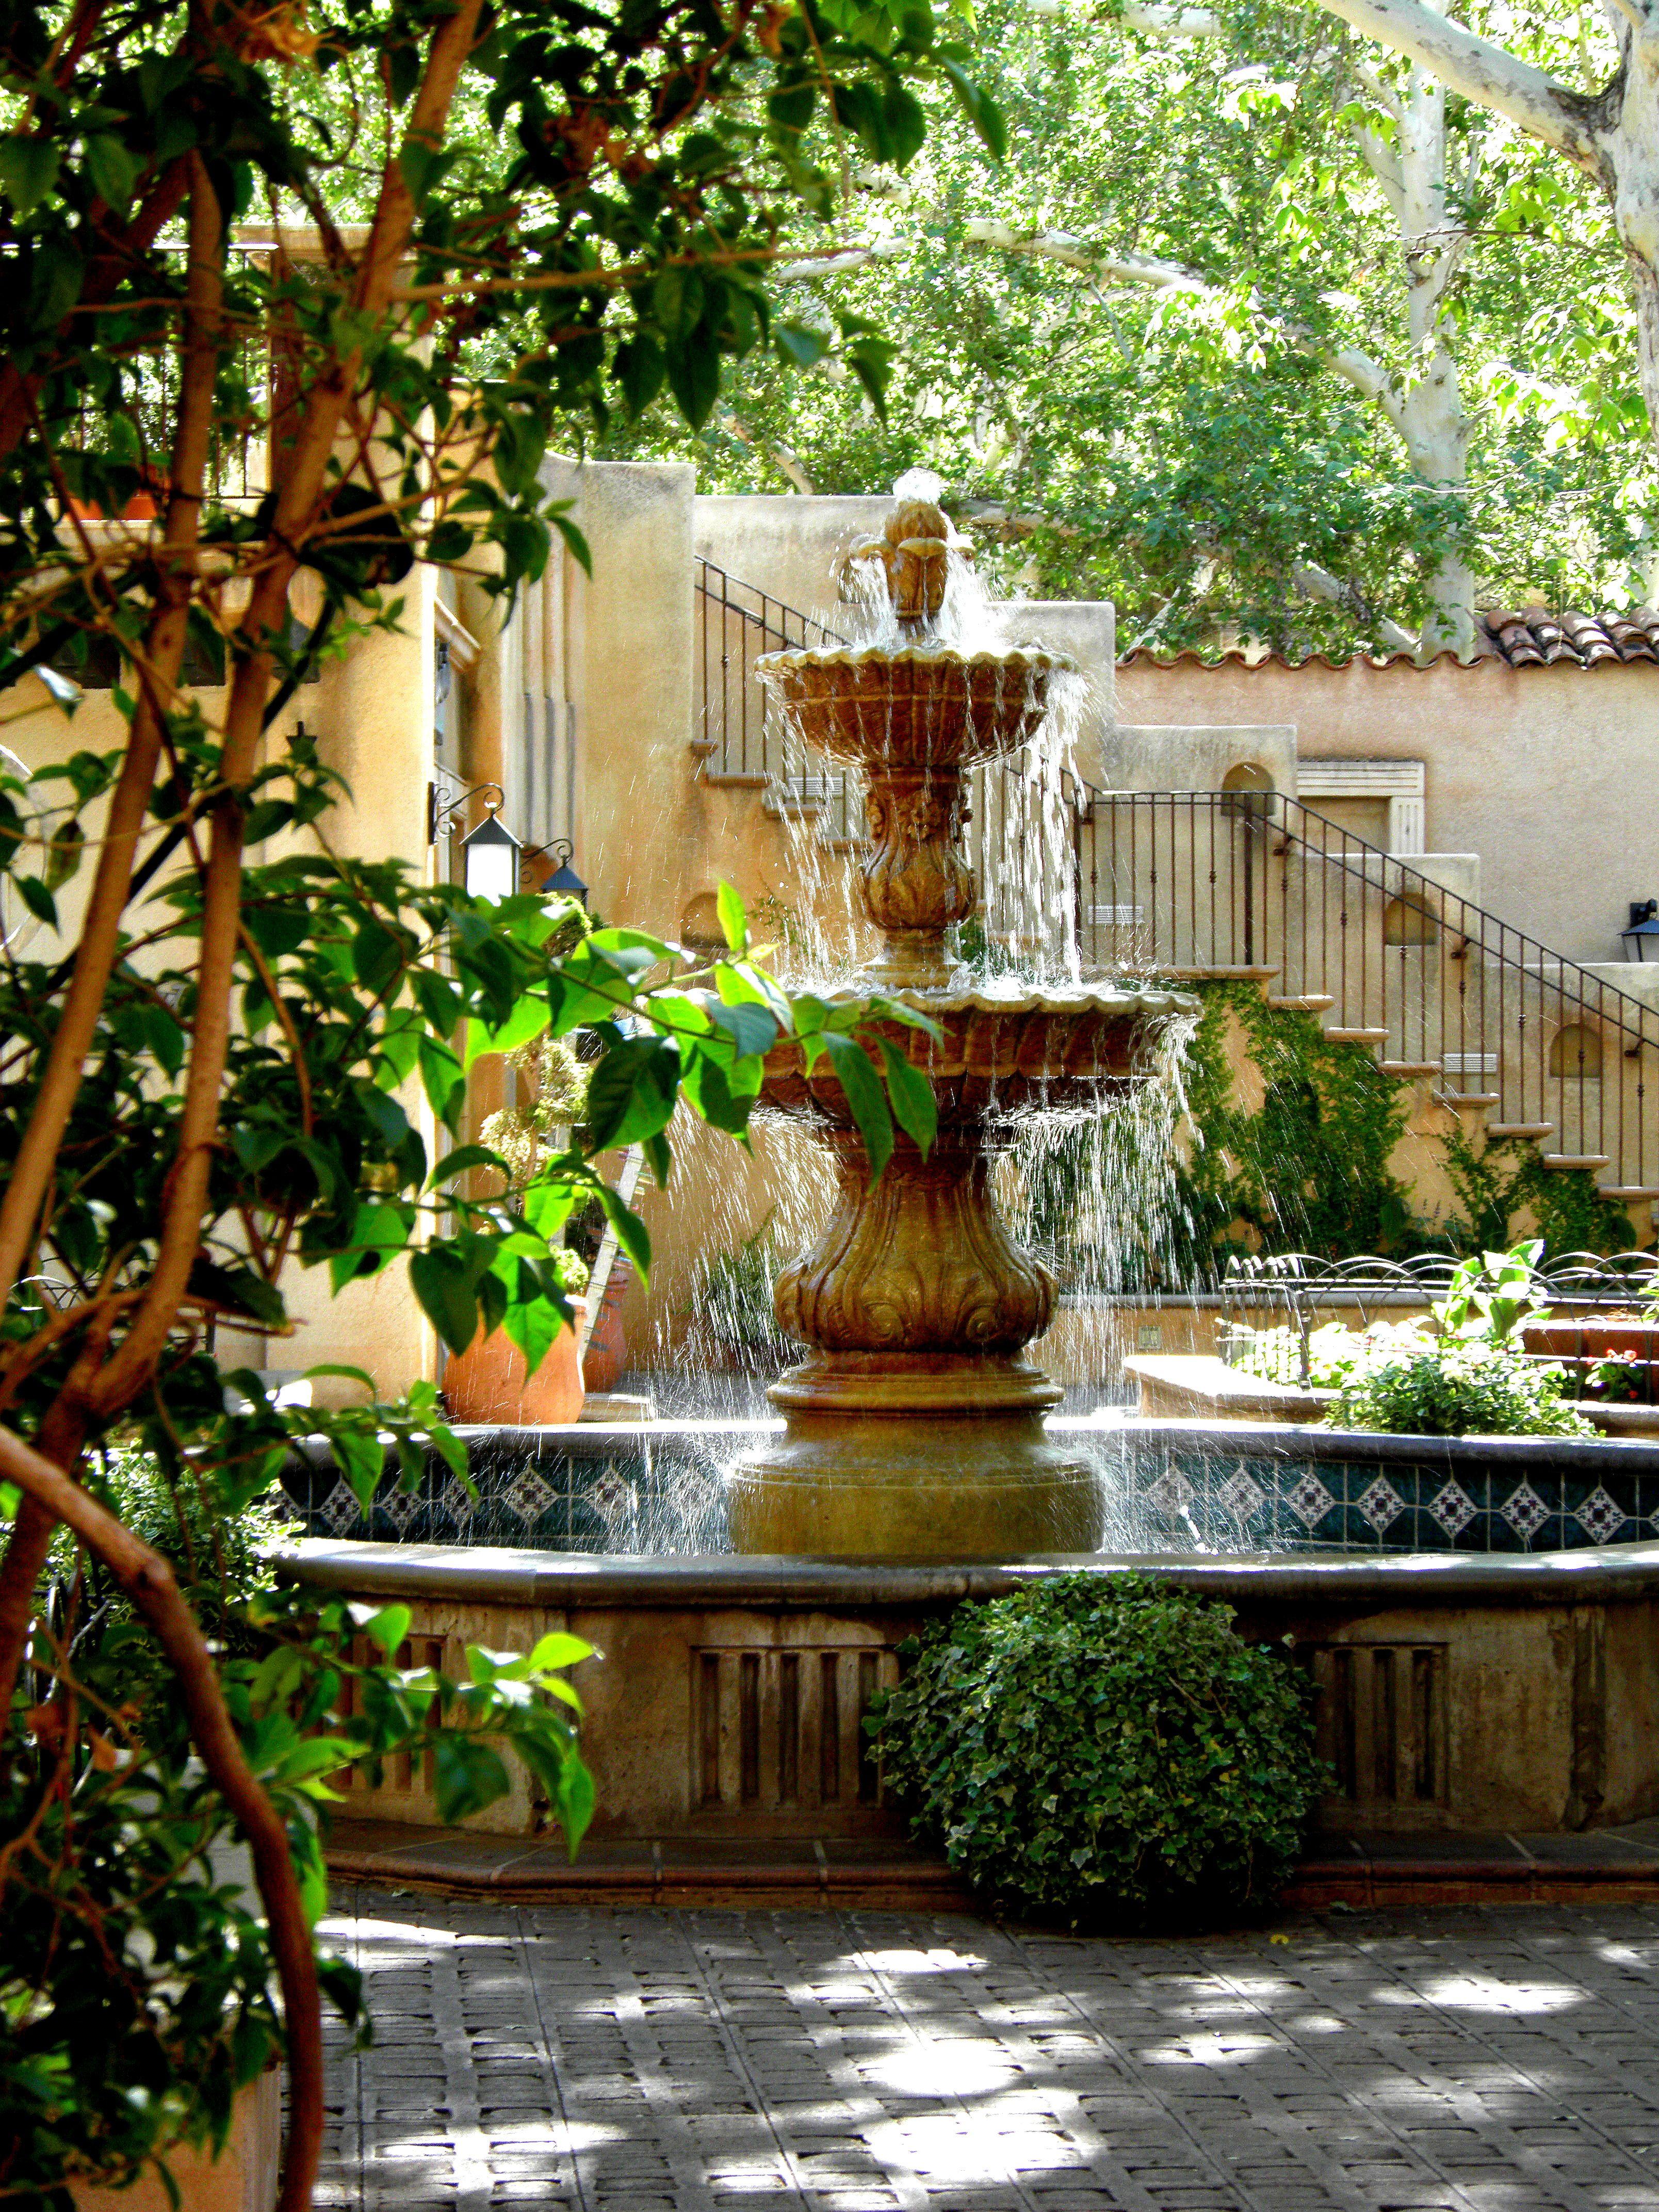 Tropical Courtyard Garden Lush